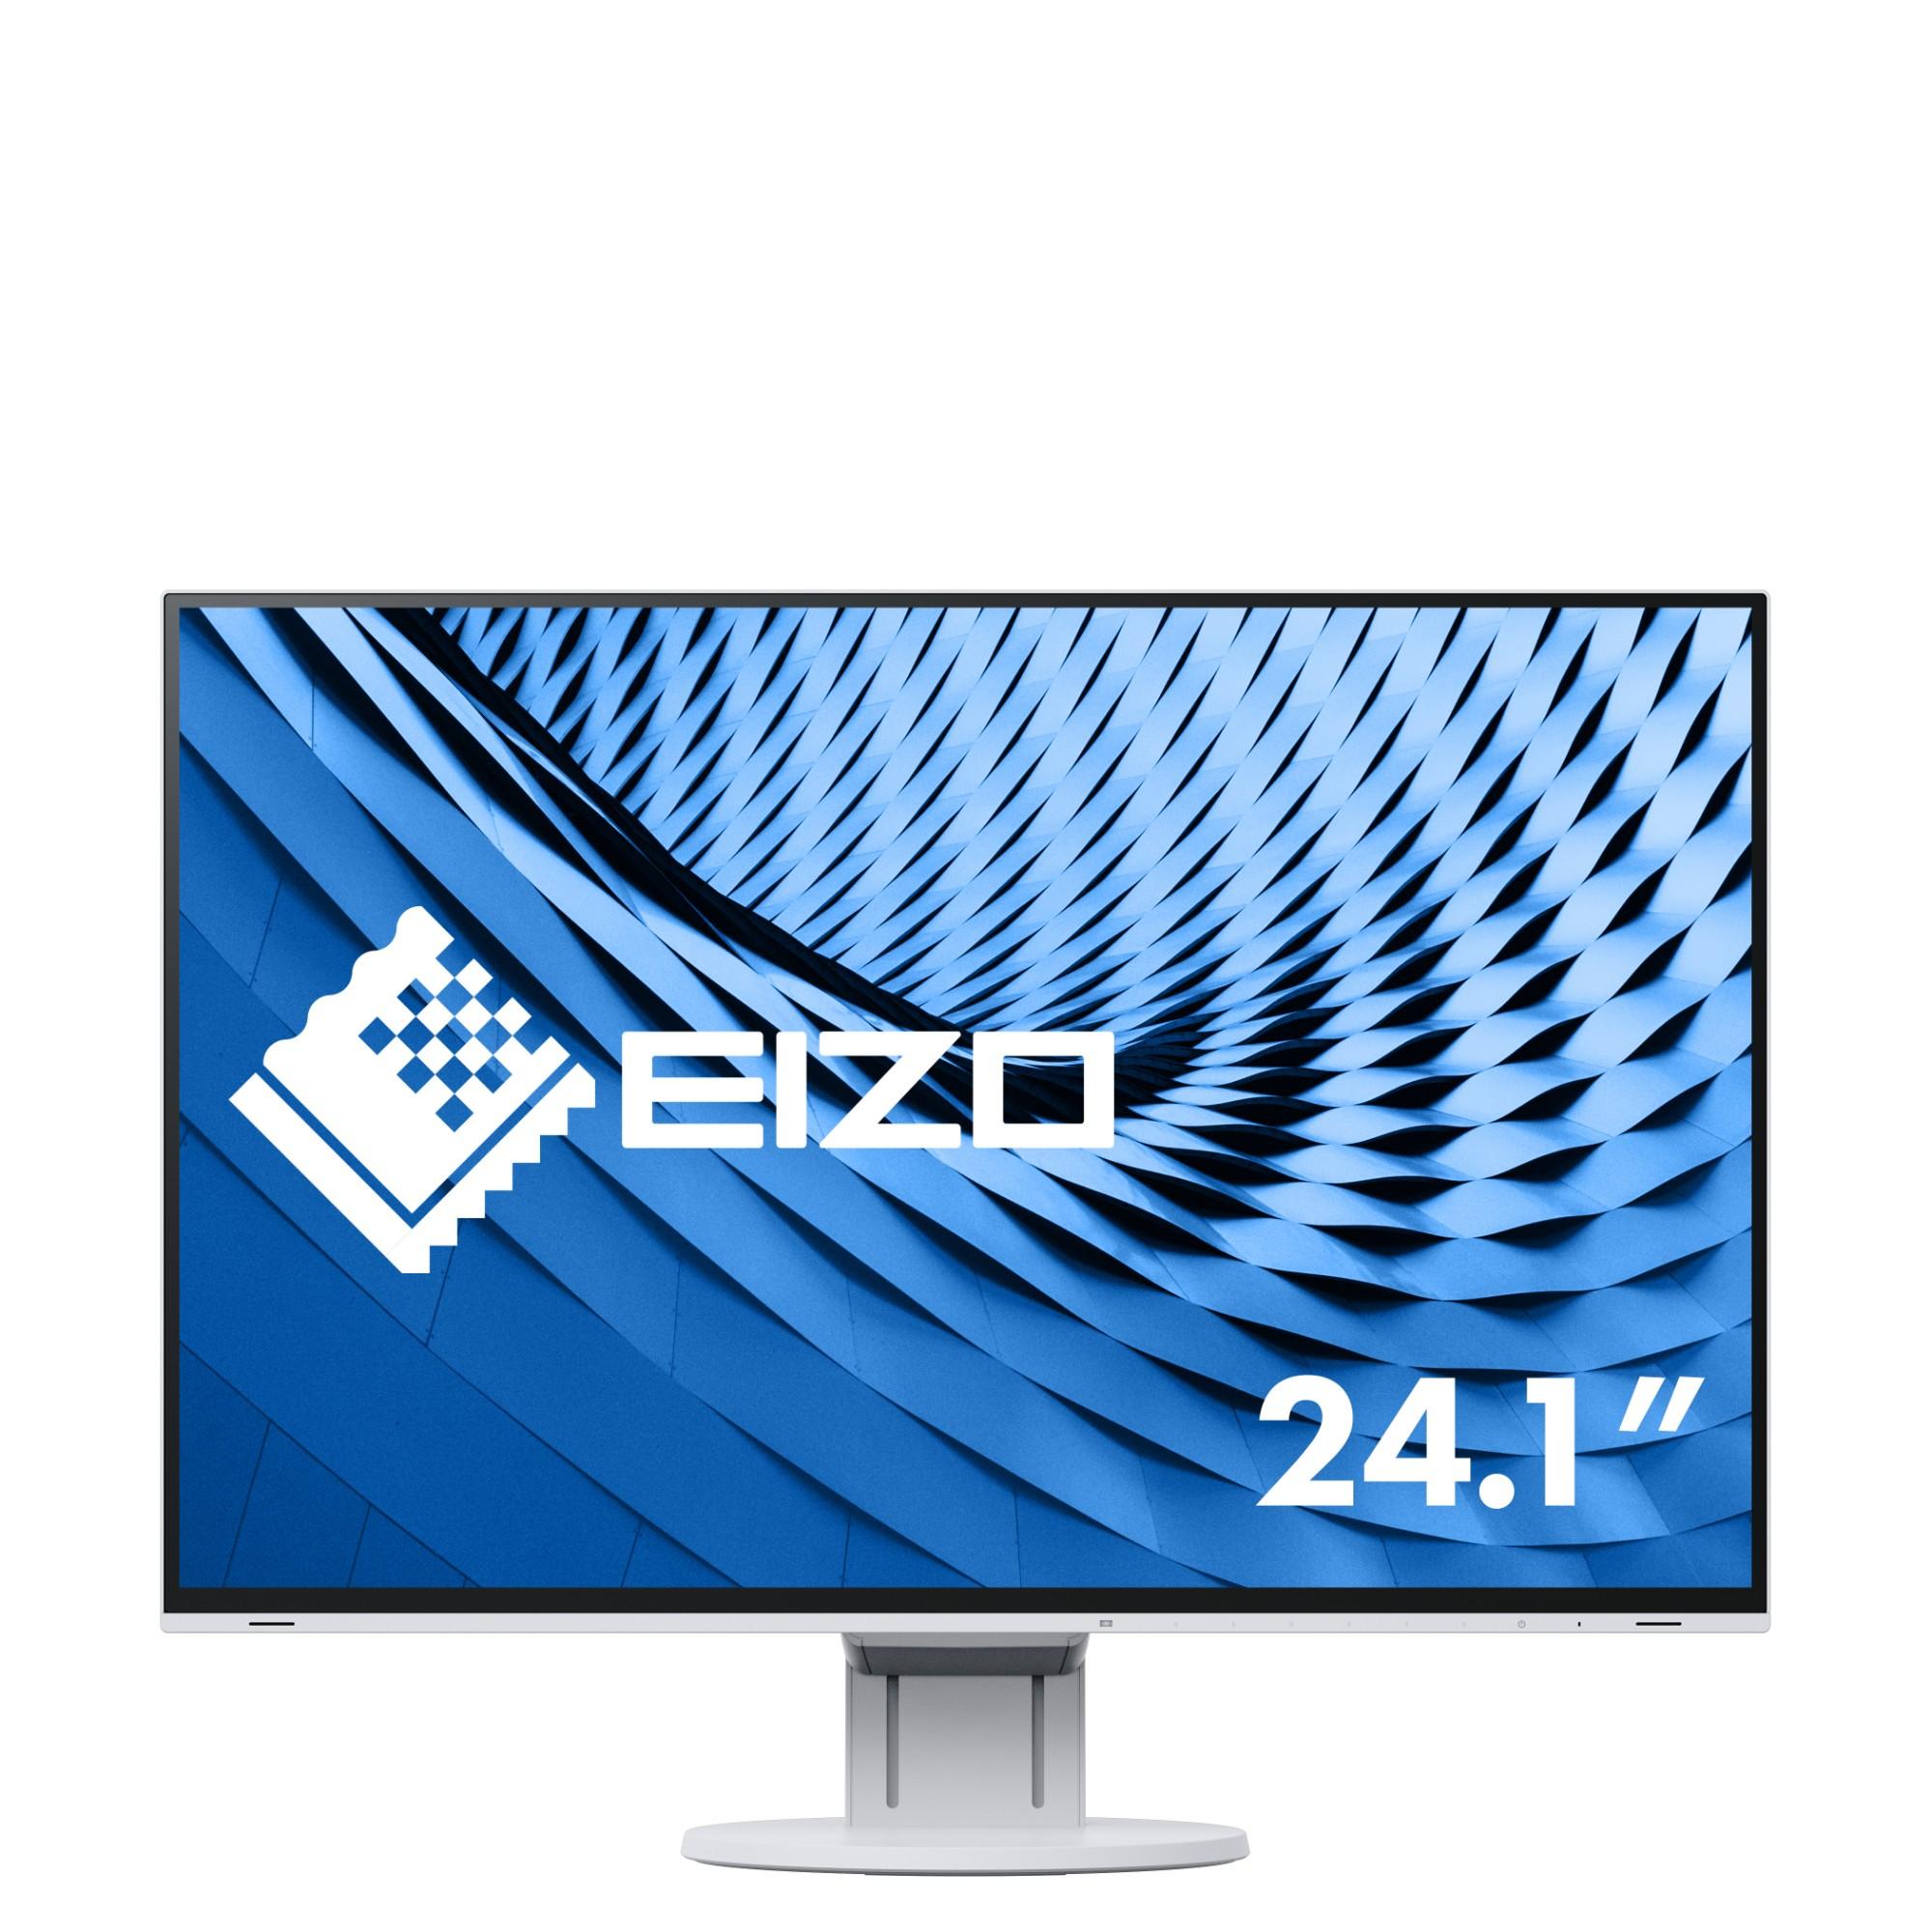 EIZO FlexScan EV2457 61.2 cm (24.1